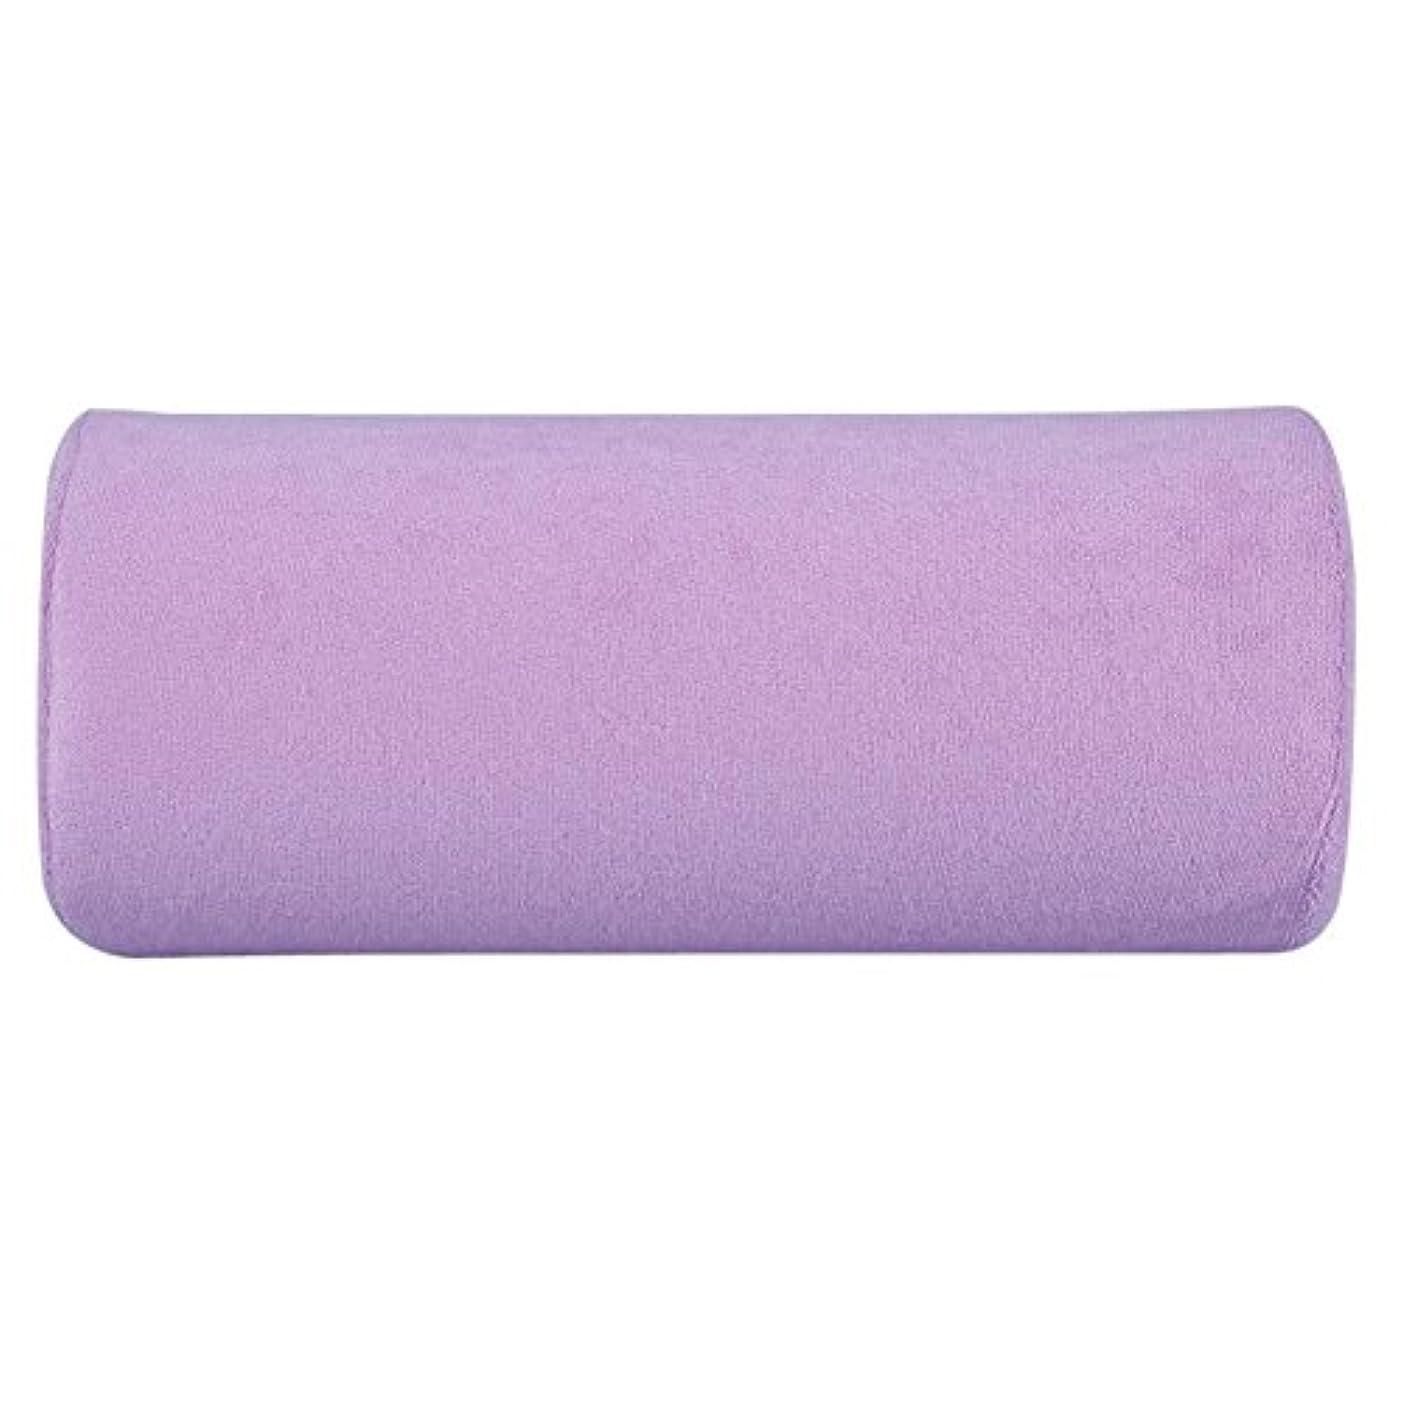 計画キャプテンボアochunネイル用アームレスト アームレスト ネイル ハンドクッション 10色 サロン ハンドレストクッション 取り外し可能 洗える ネイルアートソフトスポンジ枕(02)